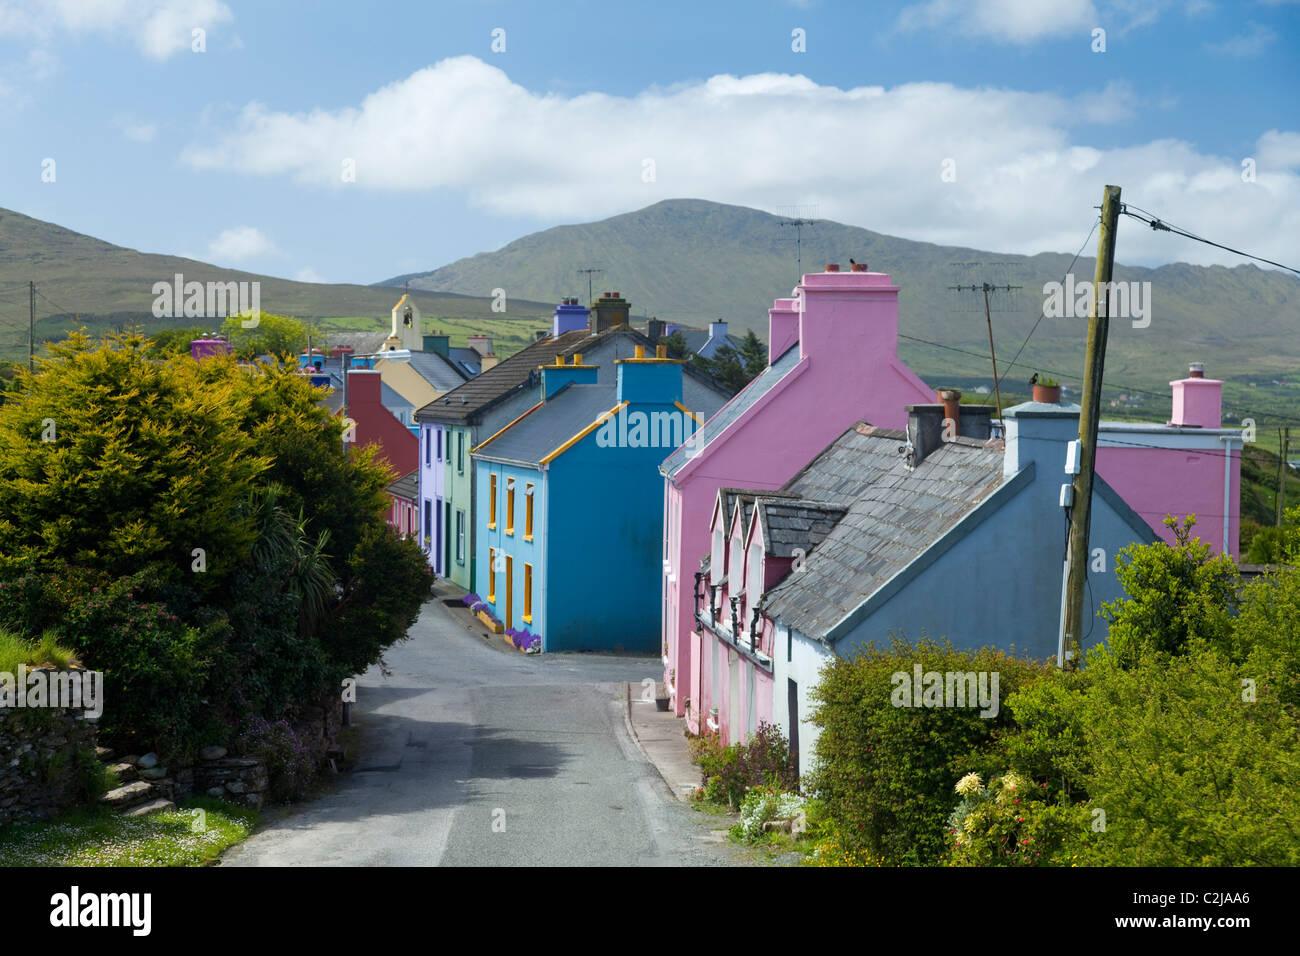 Las casas de colores brillantes de Eyeries village, península de Beara, Condado de Cork, Irlanda. Foto de stock